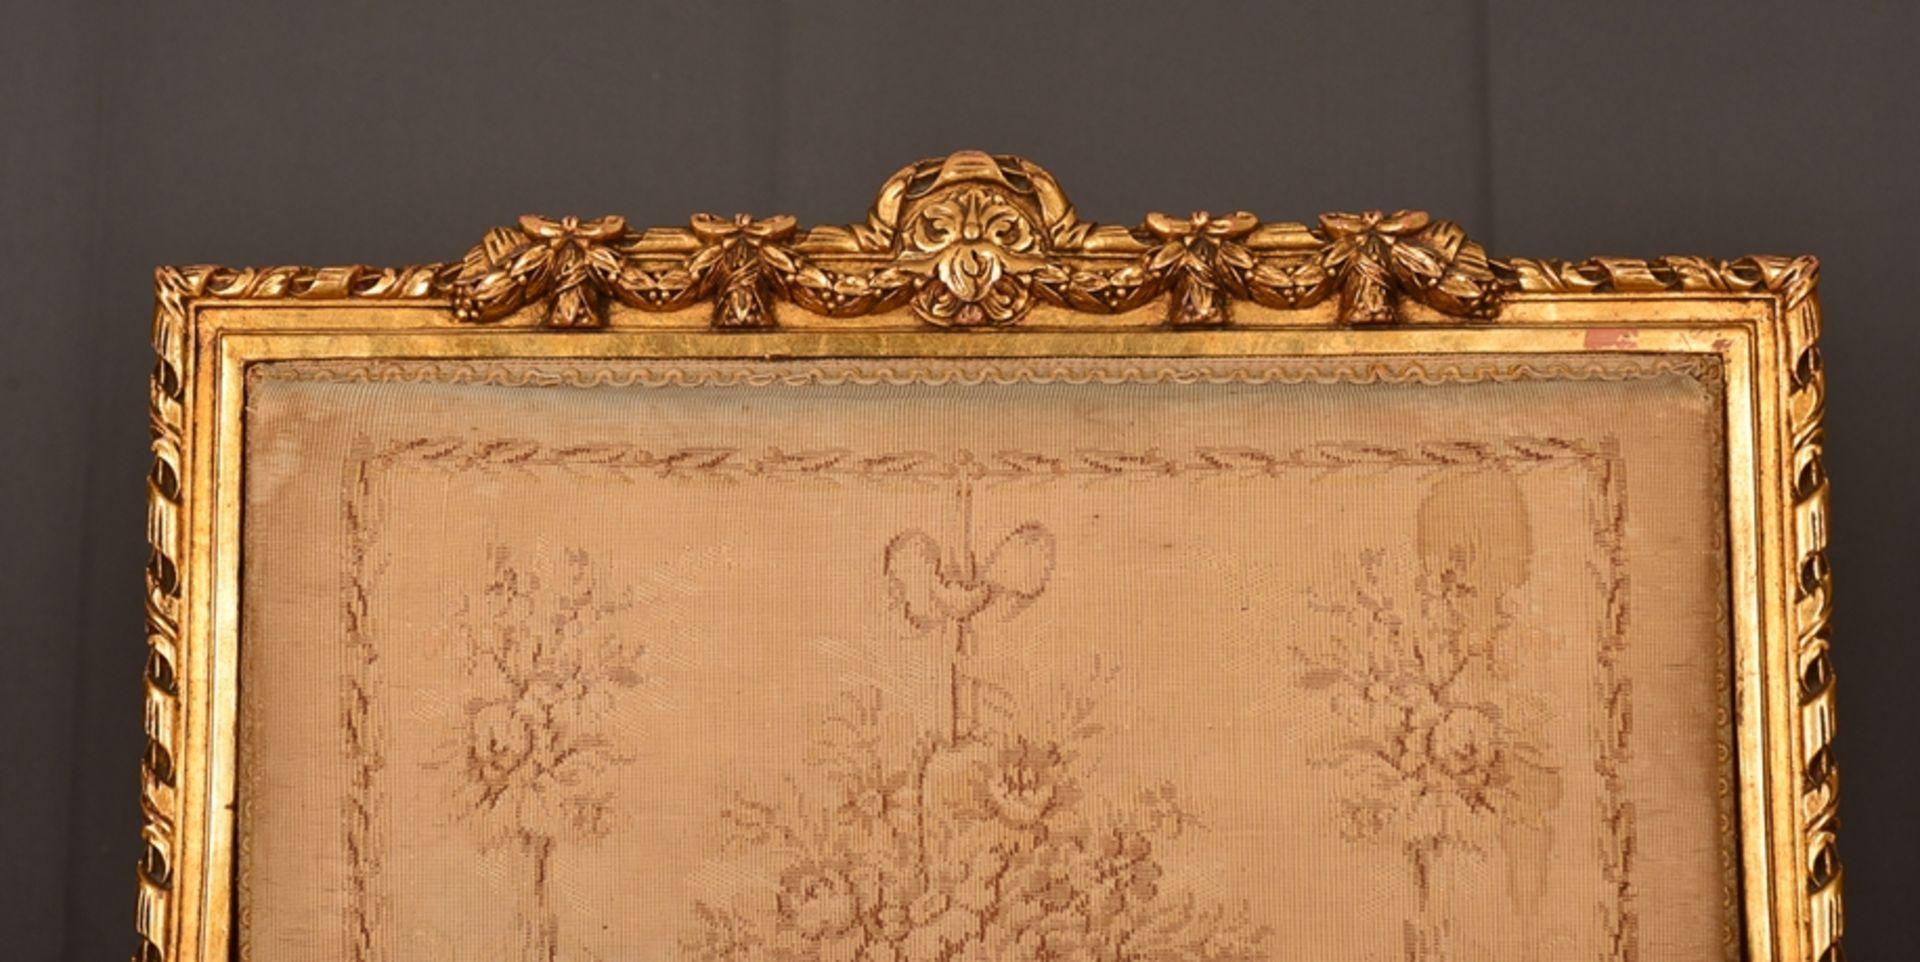 Eleganter Armlehnstuhl sog. Fauteuil, Louis XVI-Stil, Frankreich um 1890, originale Stoffbespannung, - Bild 3 aus 12